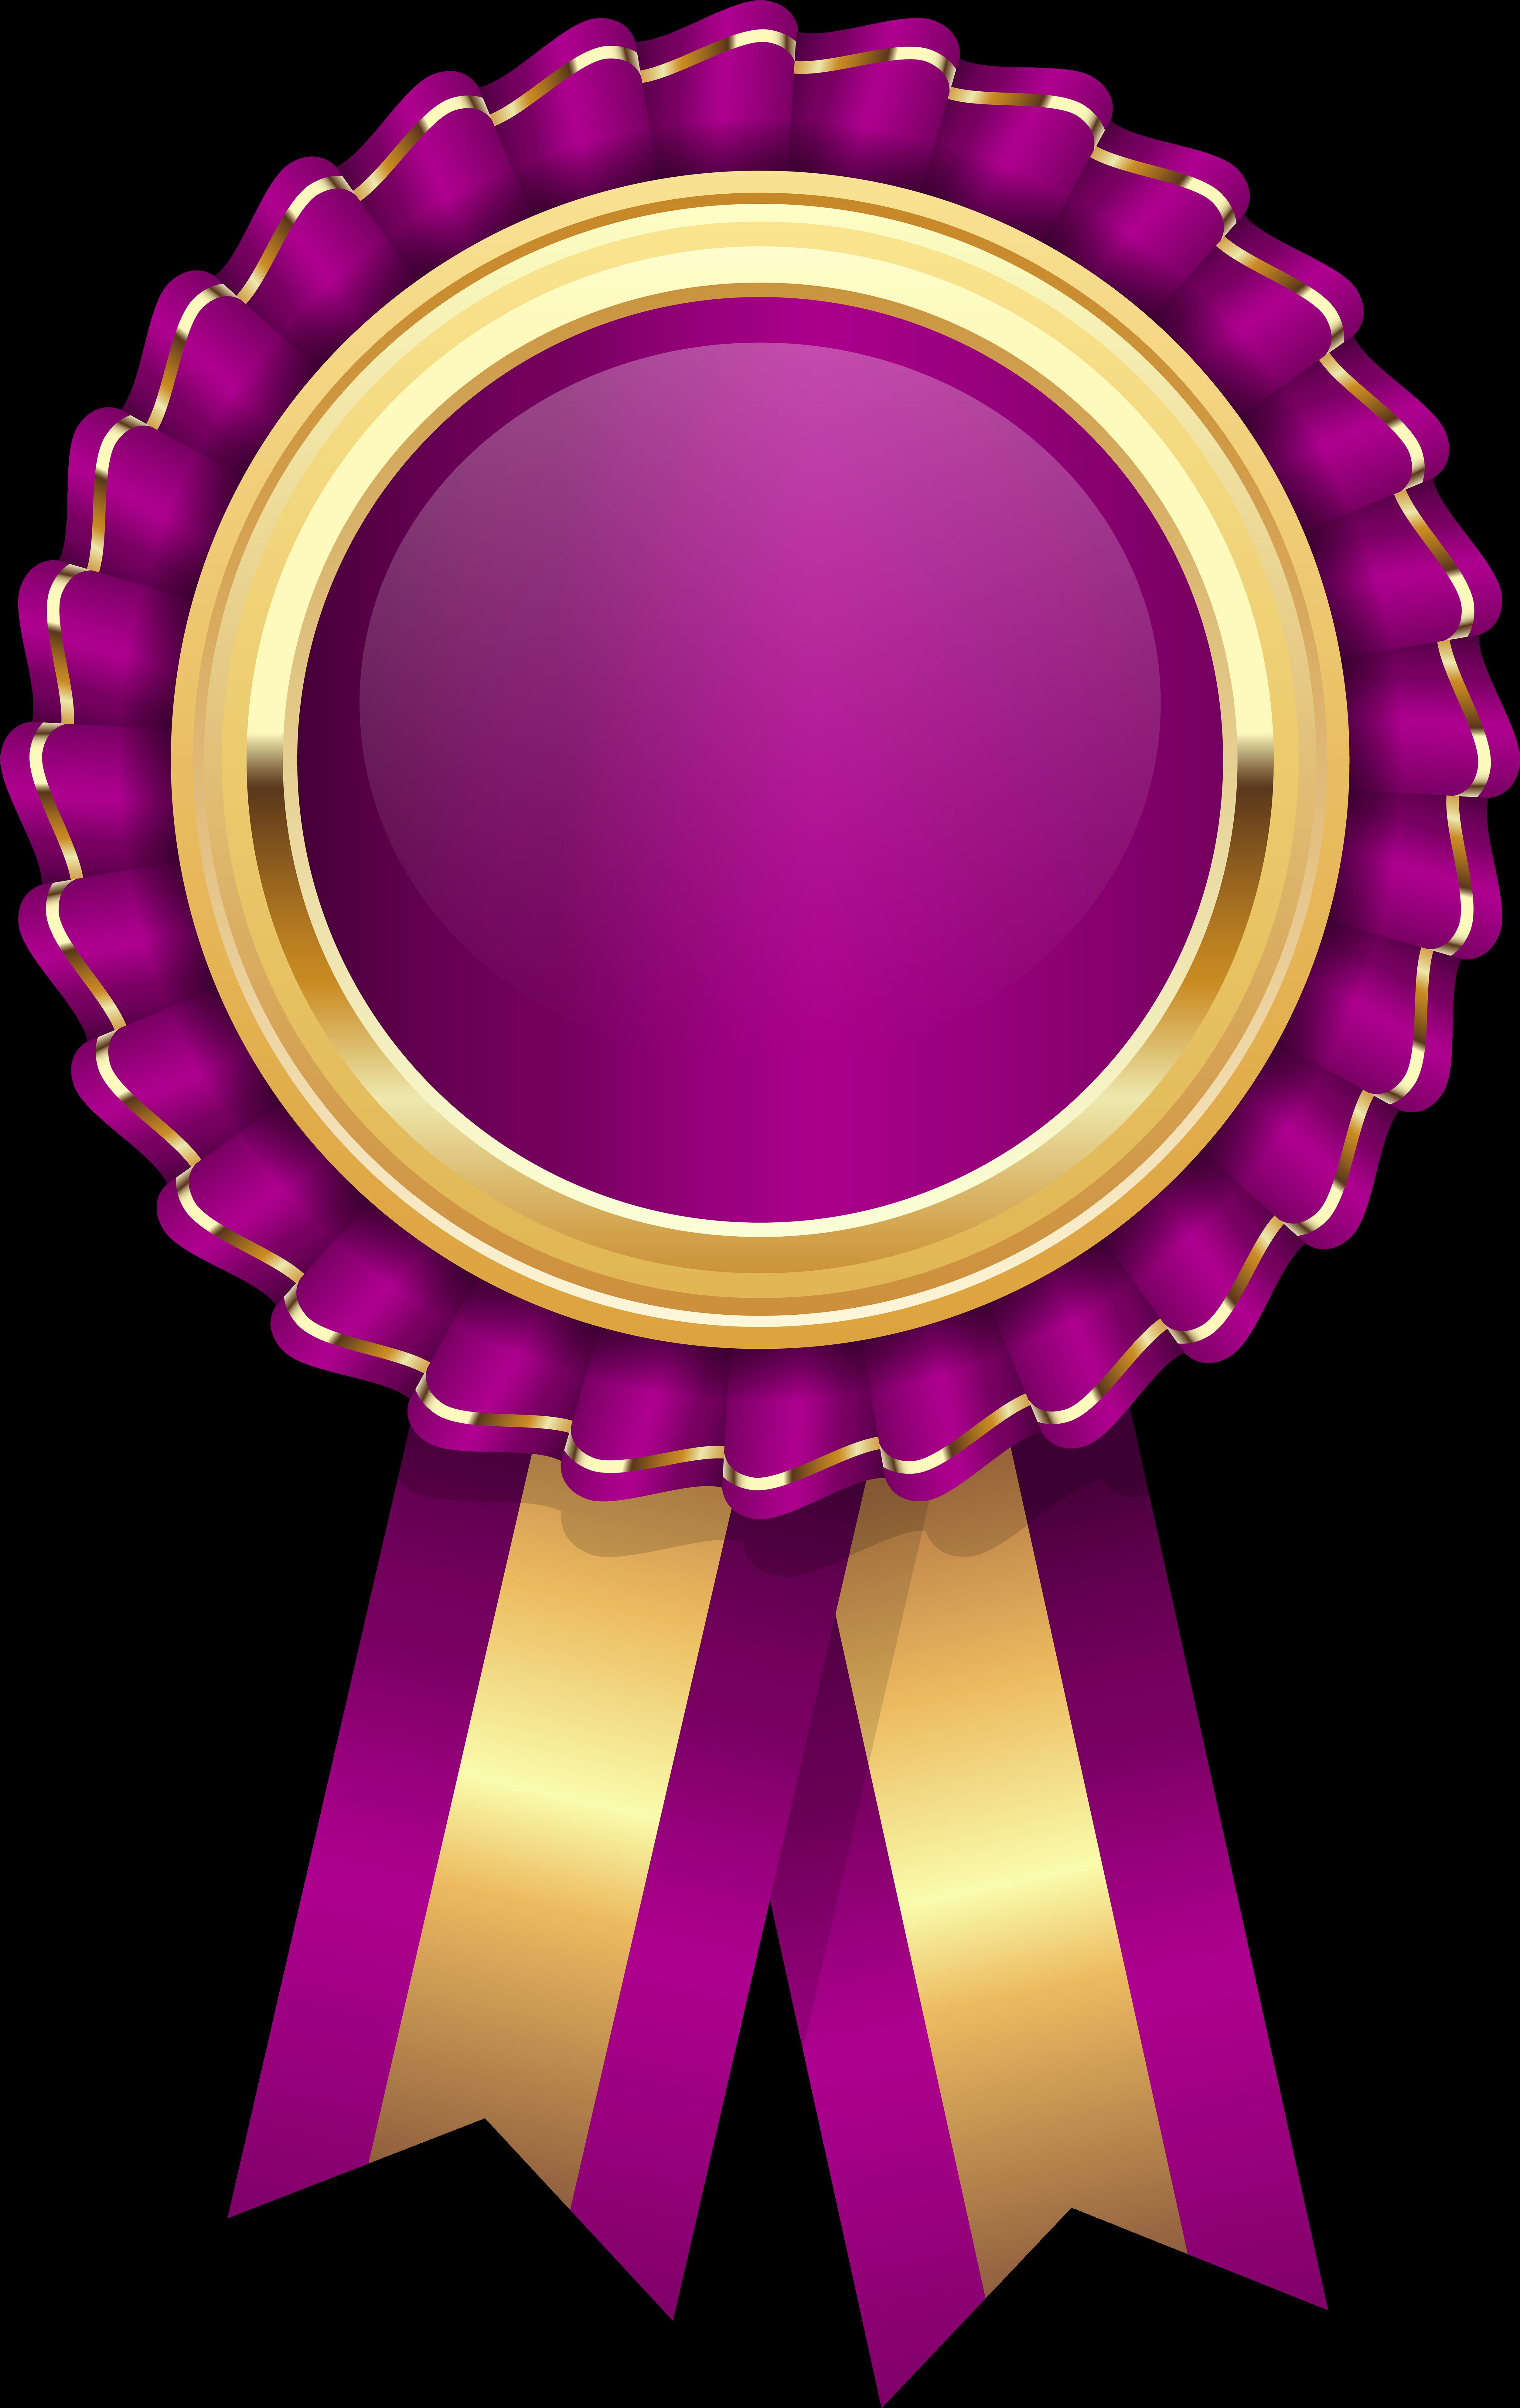 Шаблоны медалей для детей без надписей, день рождения